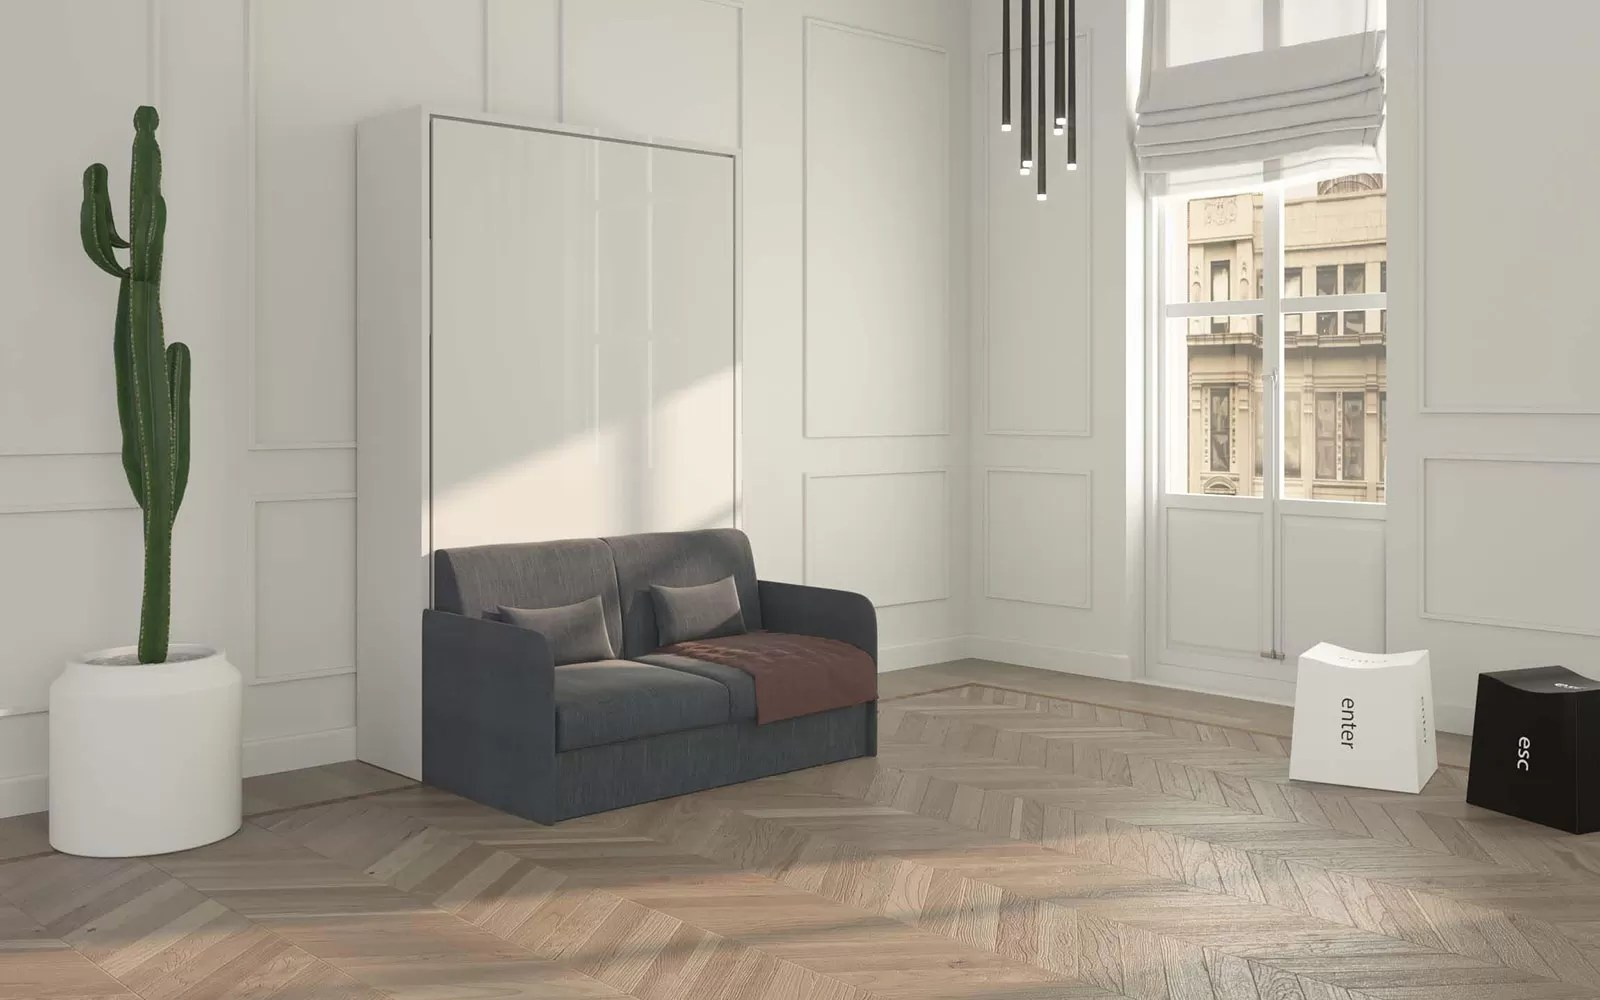 Piuma Sofa 120  Letto a scomparsa piazza e mezzo con divano